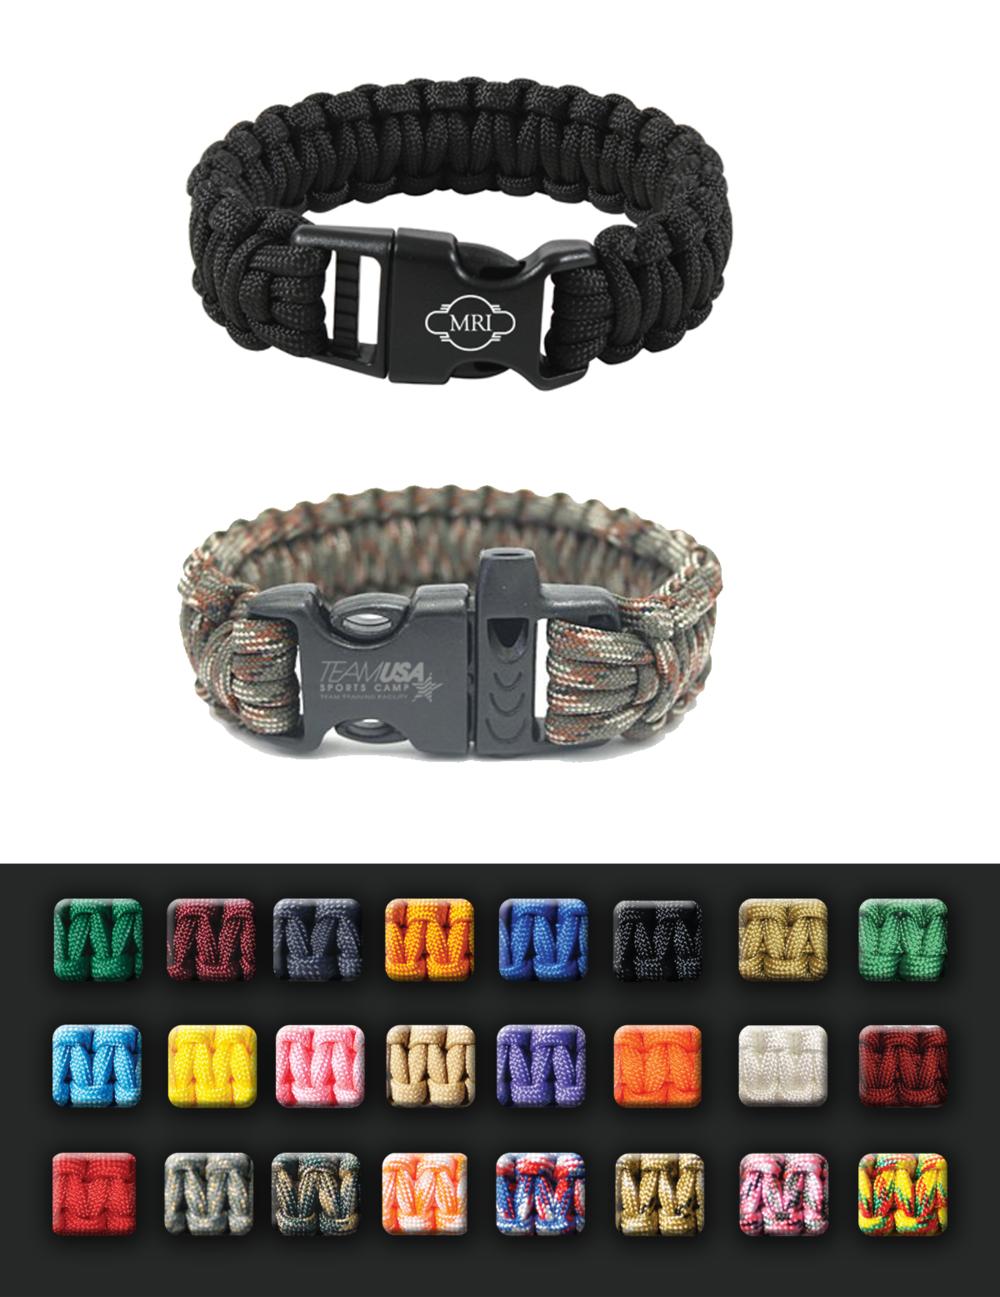 paracord bracelets08.png